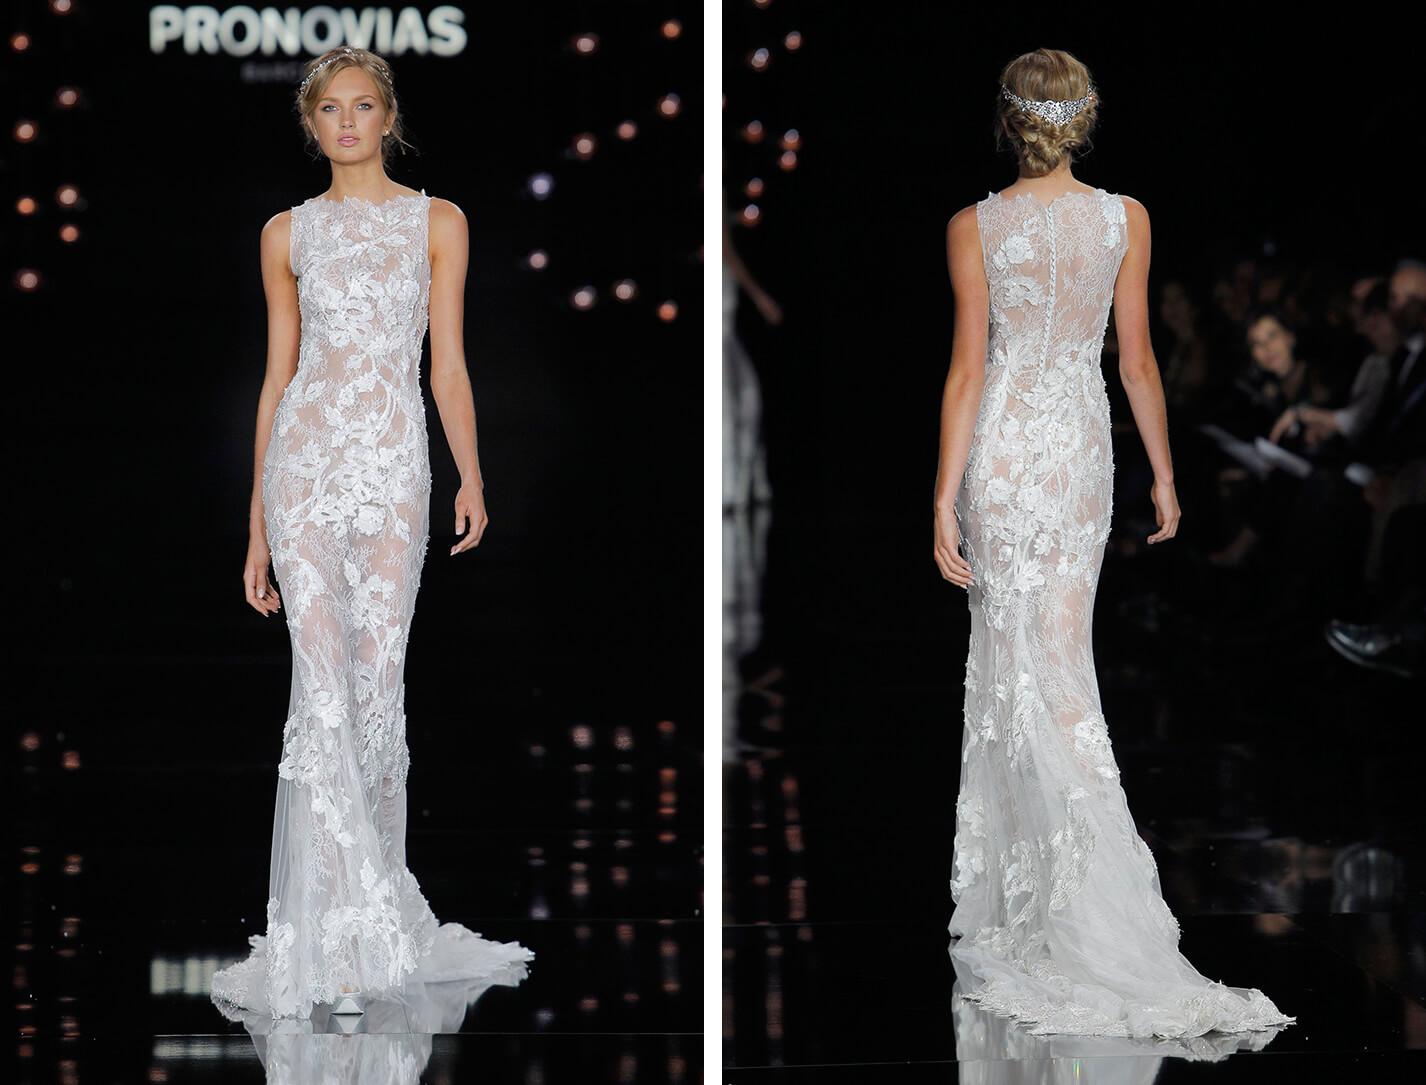 PRONOVIAS_Fashion_Show_2017_Nesta